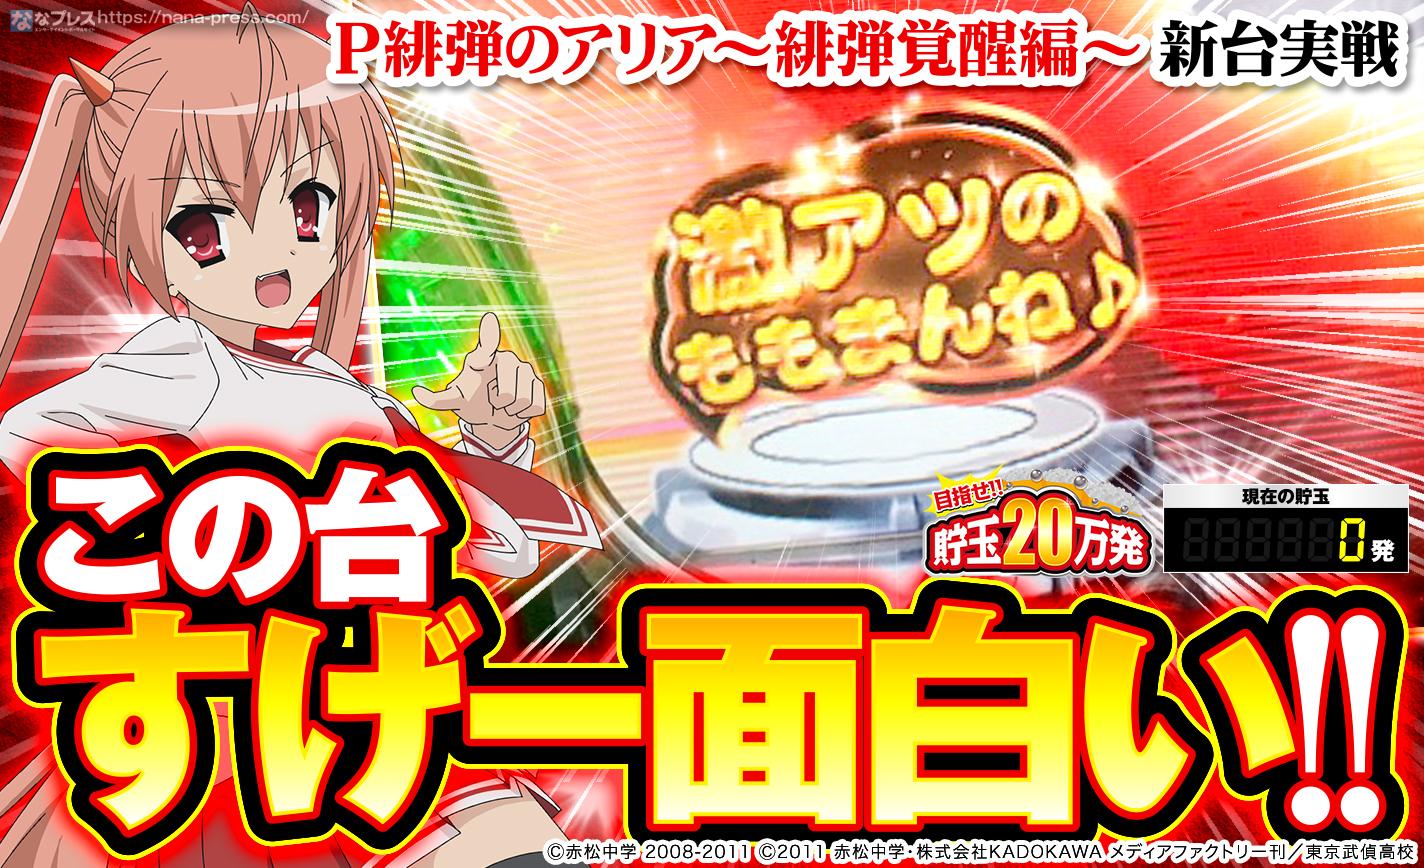 【P緋弾のアリア〜緋弾覚醒編〜】スペックは難しいけど新台アリアが面白い!